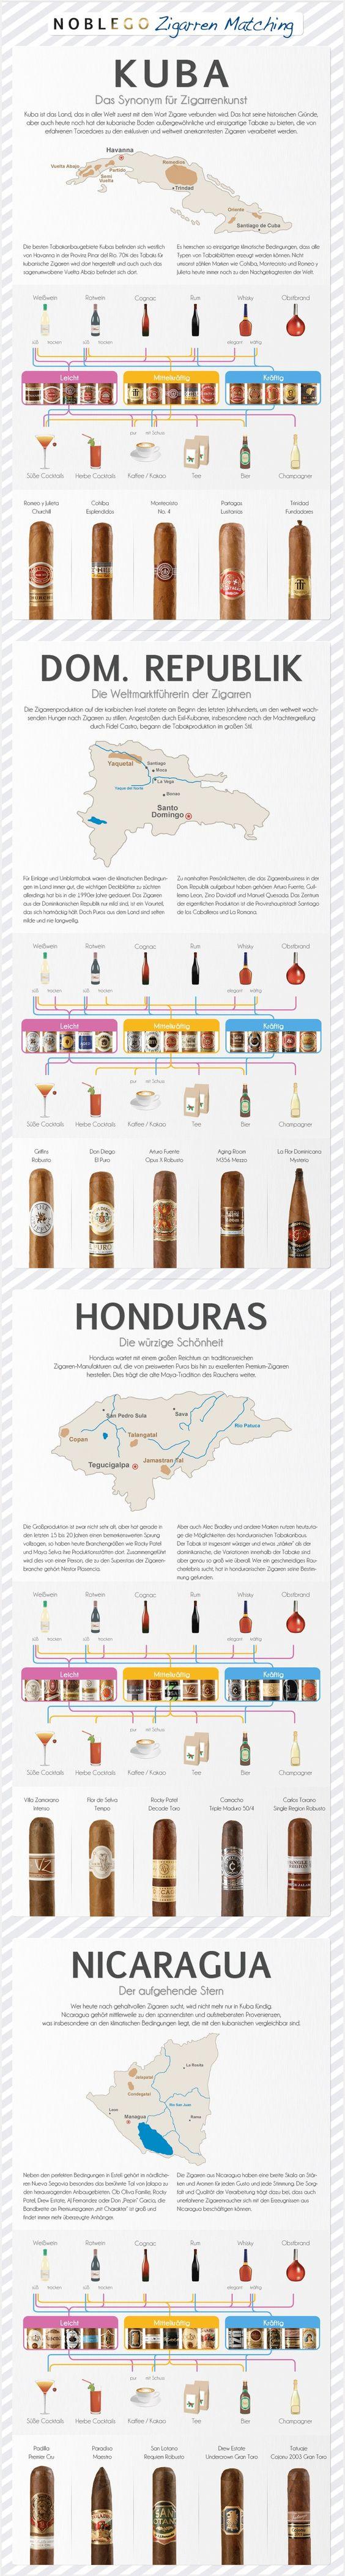 cigar_smoking_a_szivartermelo_orszagok_osszehasonlitasa.jpg